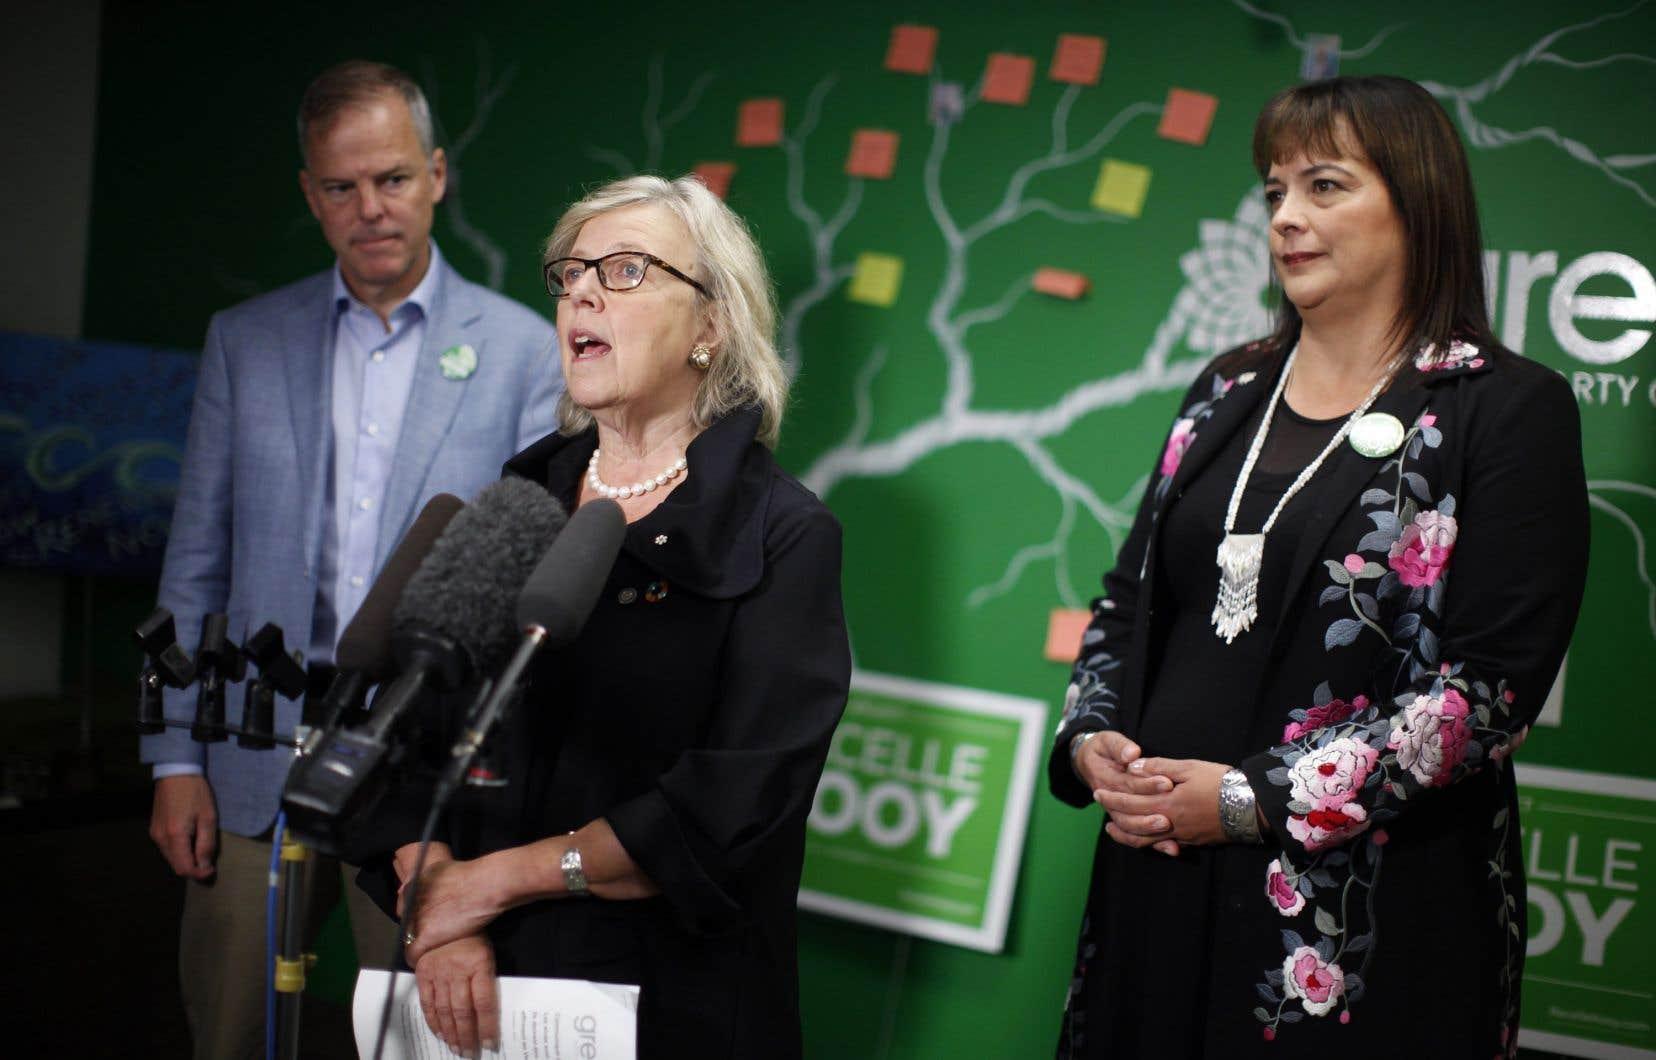 La cheffe du Parti vert, Elizabeth May (centre), était accompagnée par David Merner et Racelle Kooy, tous deux candidats sur l'île de Vancouver, lors d'une annonce aux médias, le 3 octobre dernier à Victoria.